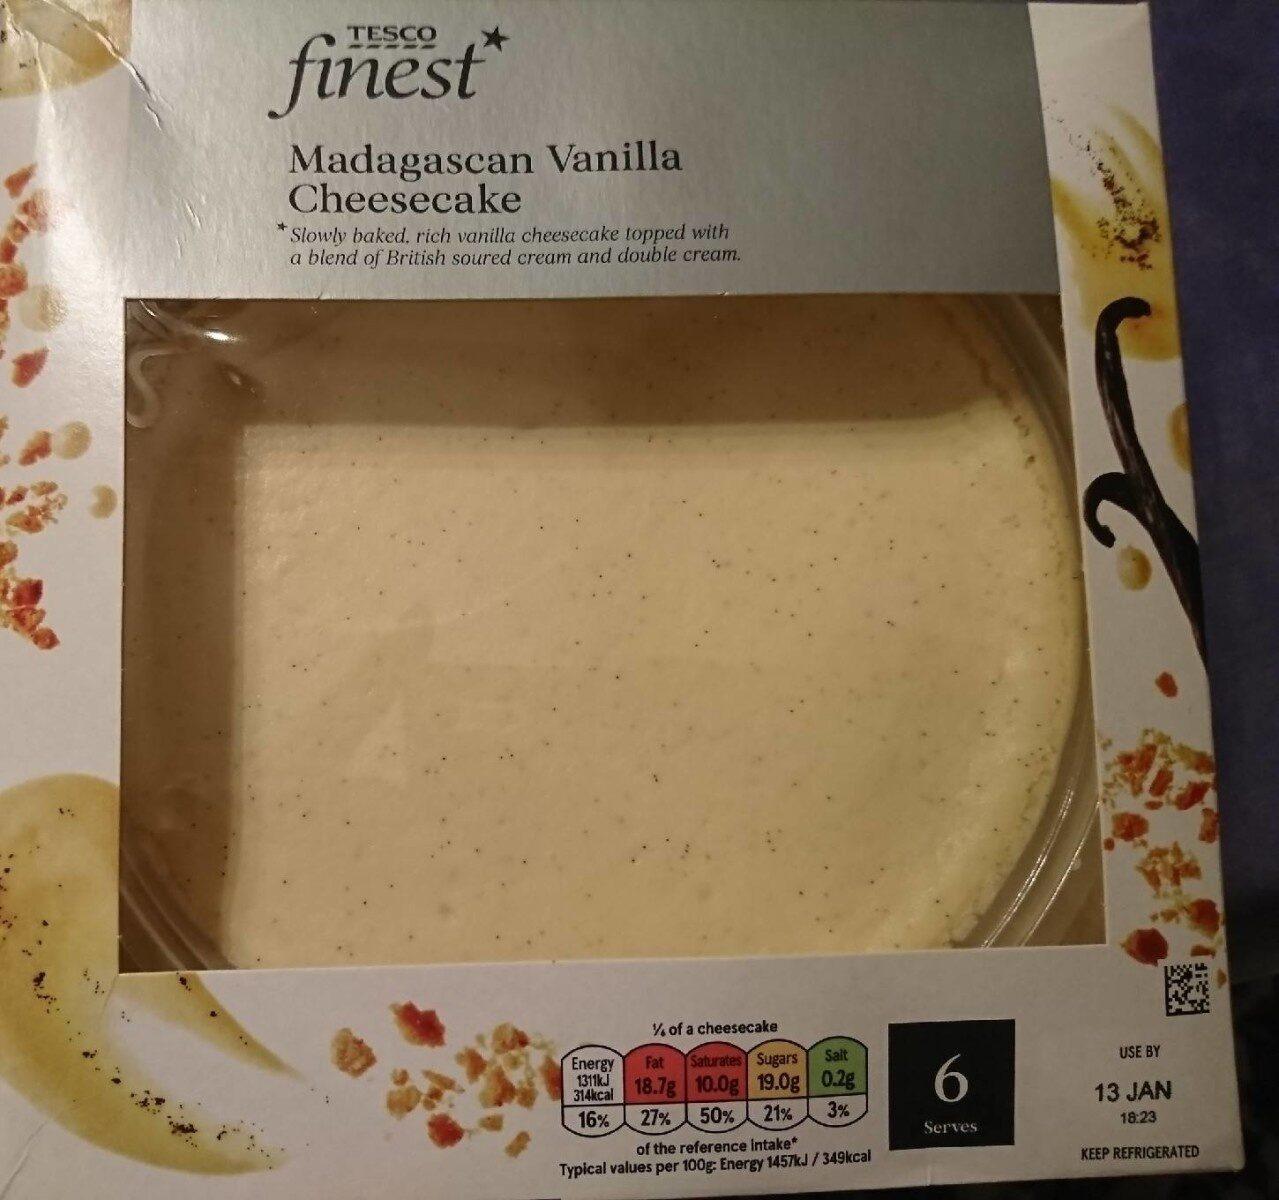 Tesco finest Madagascan vanilla cheesecake - Prodotto - en